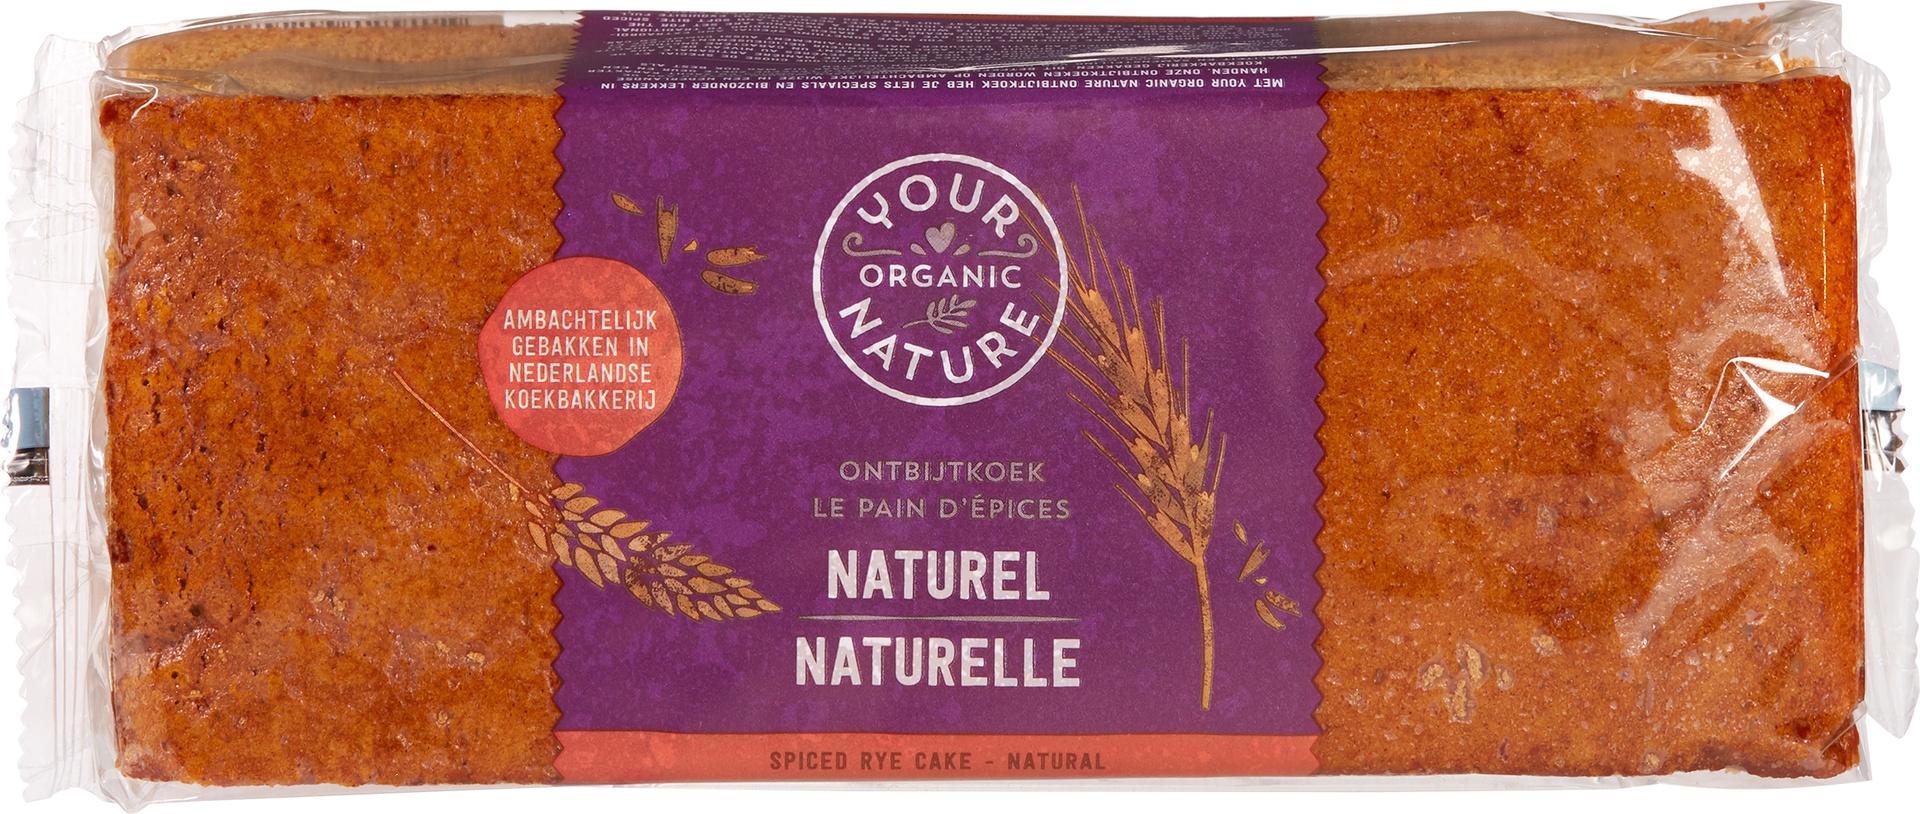 Biologische Your Organic Nature Ontbijtkoek naturel 400 gr